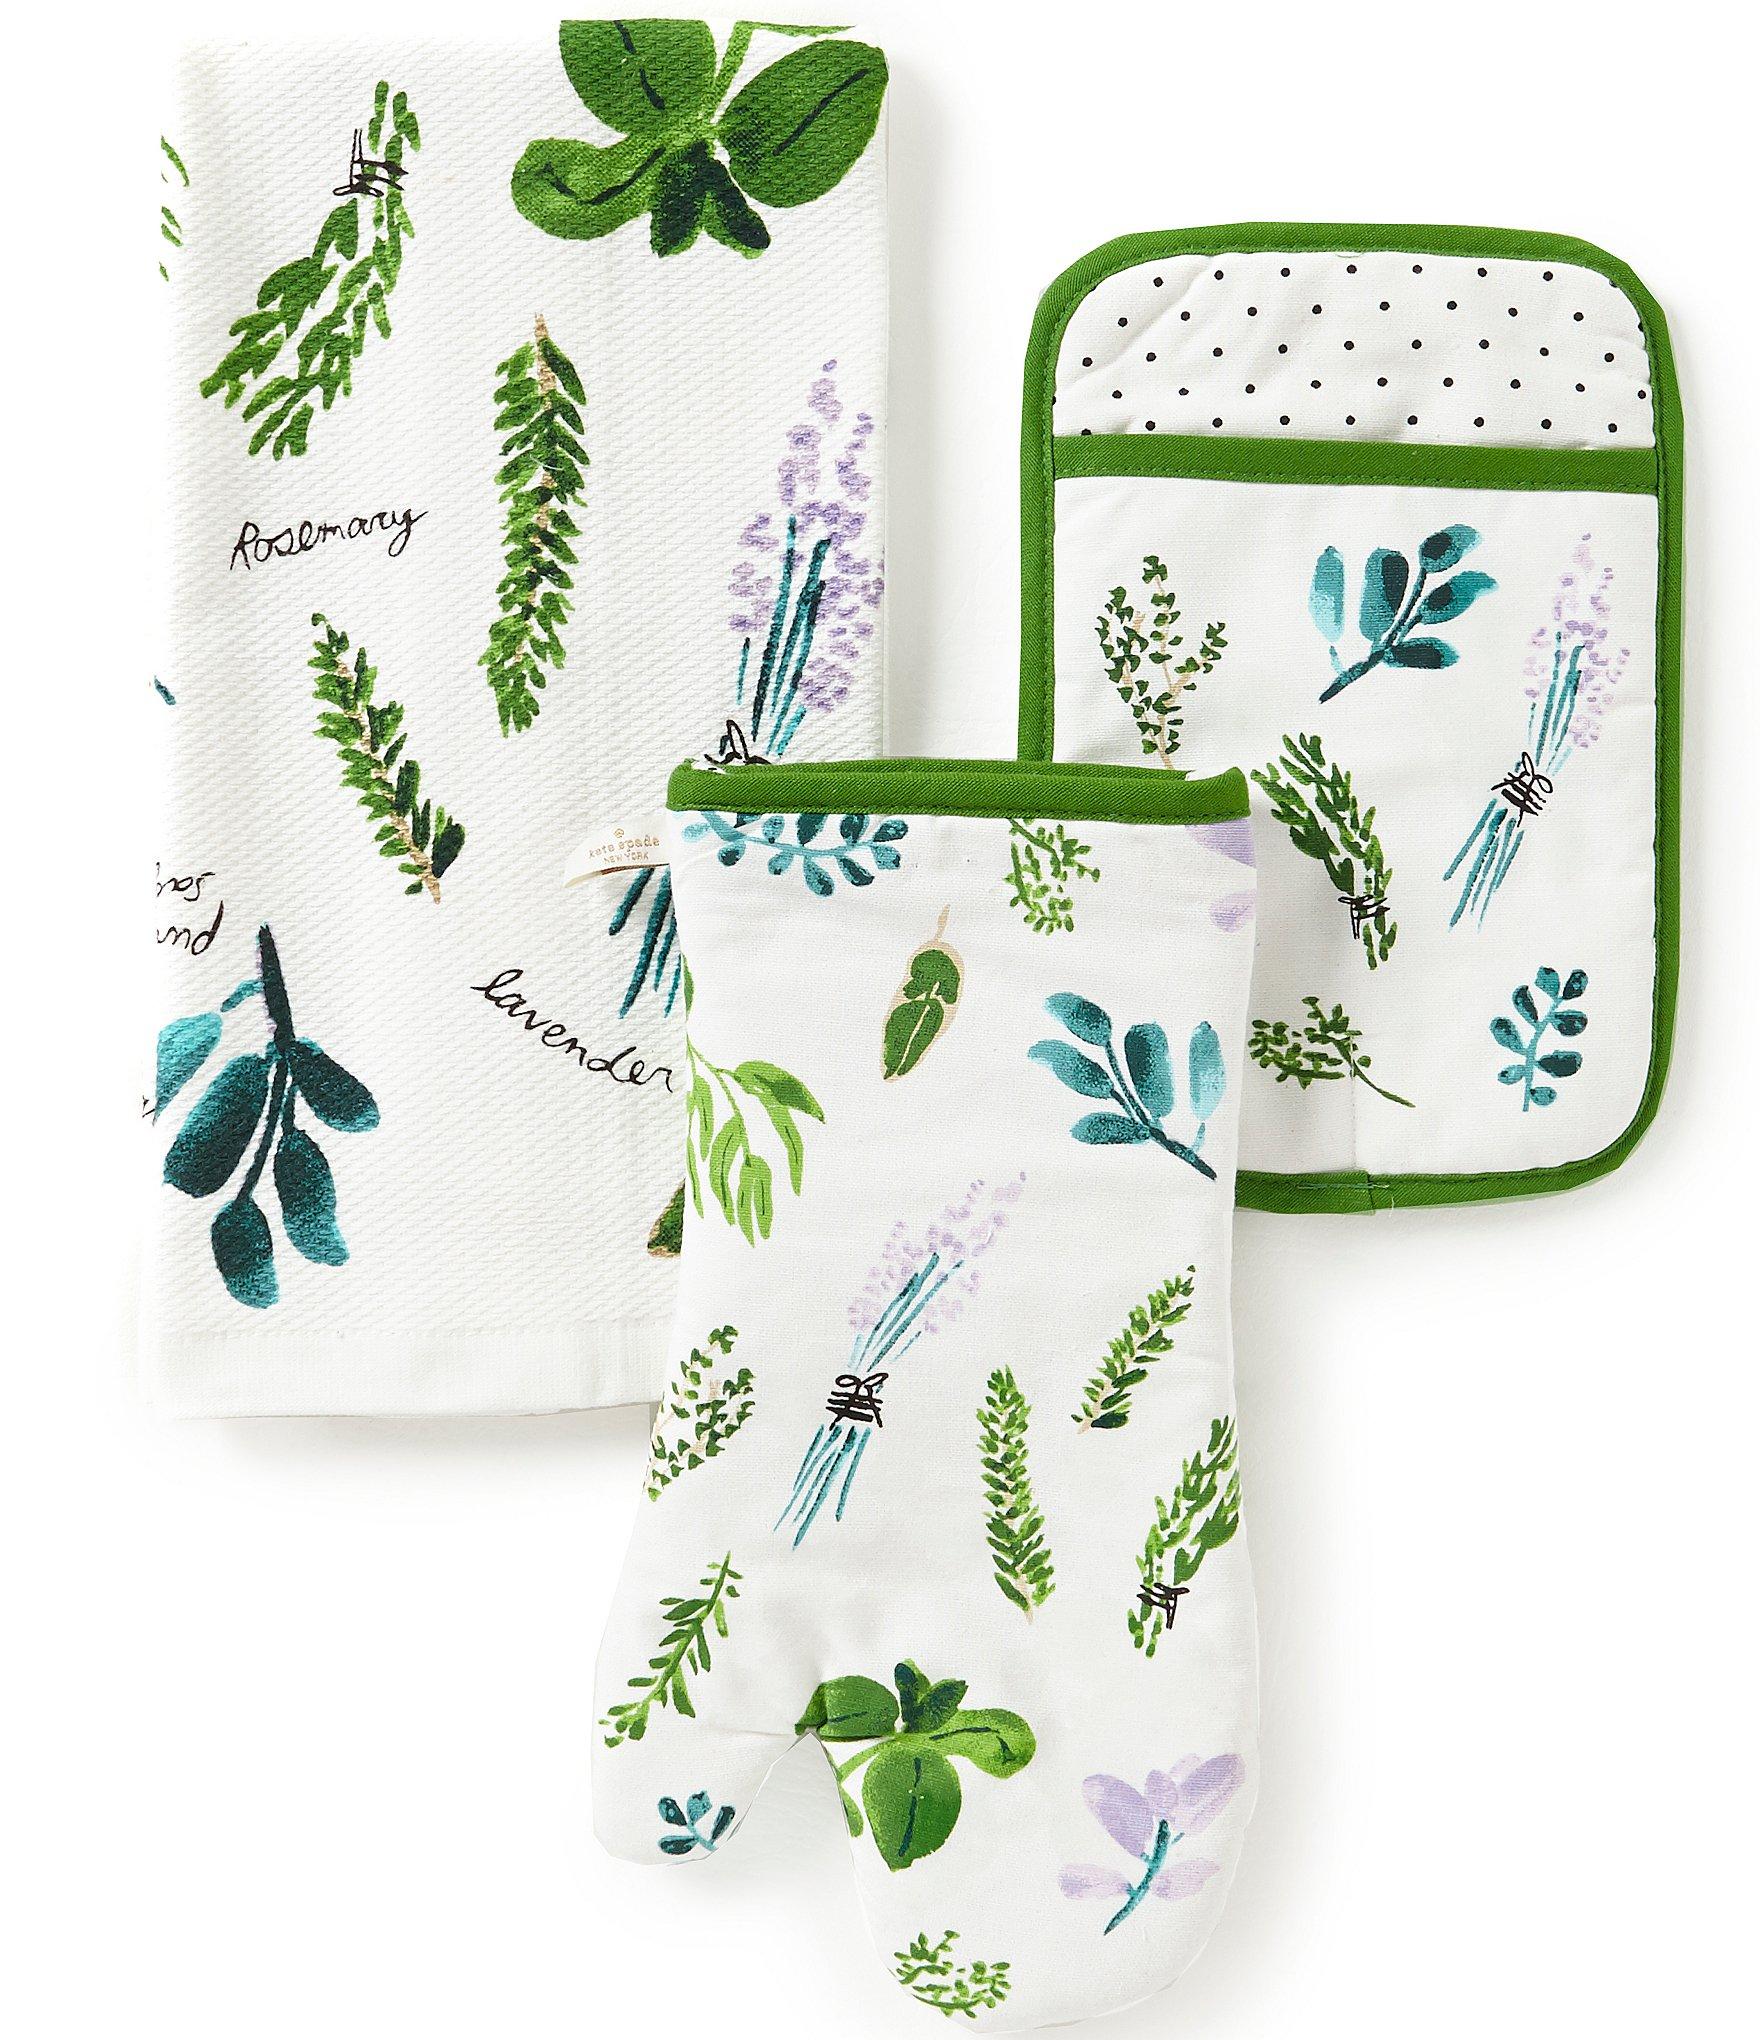 Kate Spade New York Homegrown 3-Piece Kitchen Linens Set